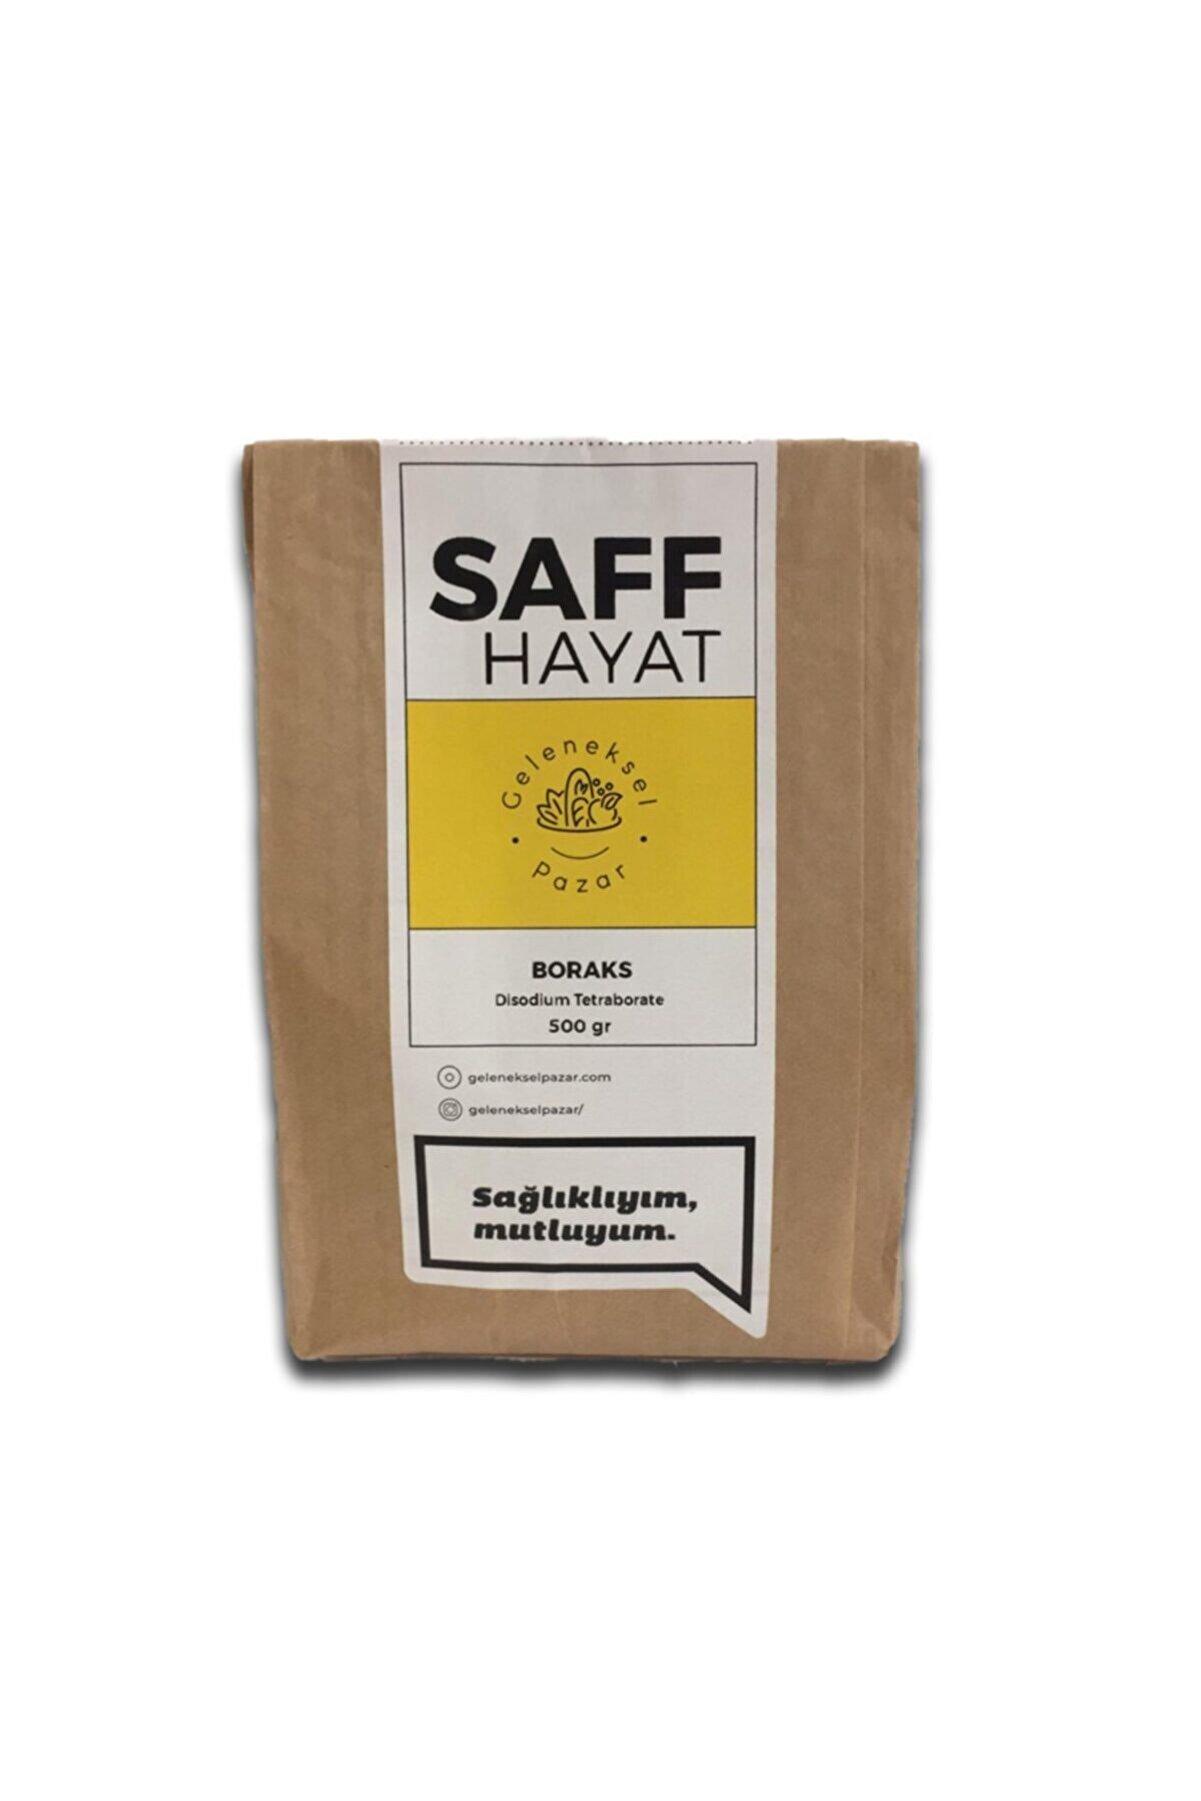 SaffHayat Boraks 500 gr